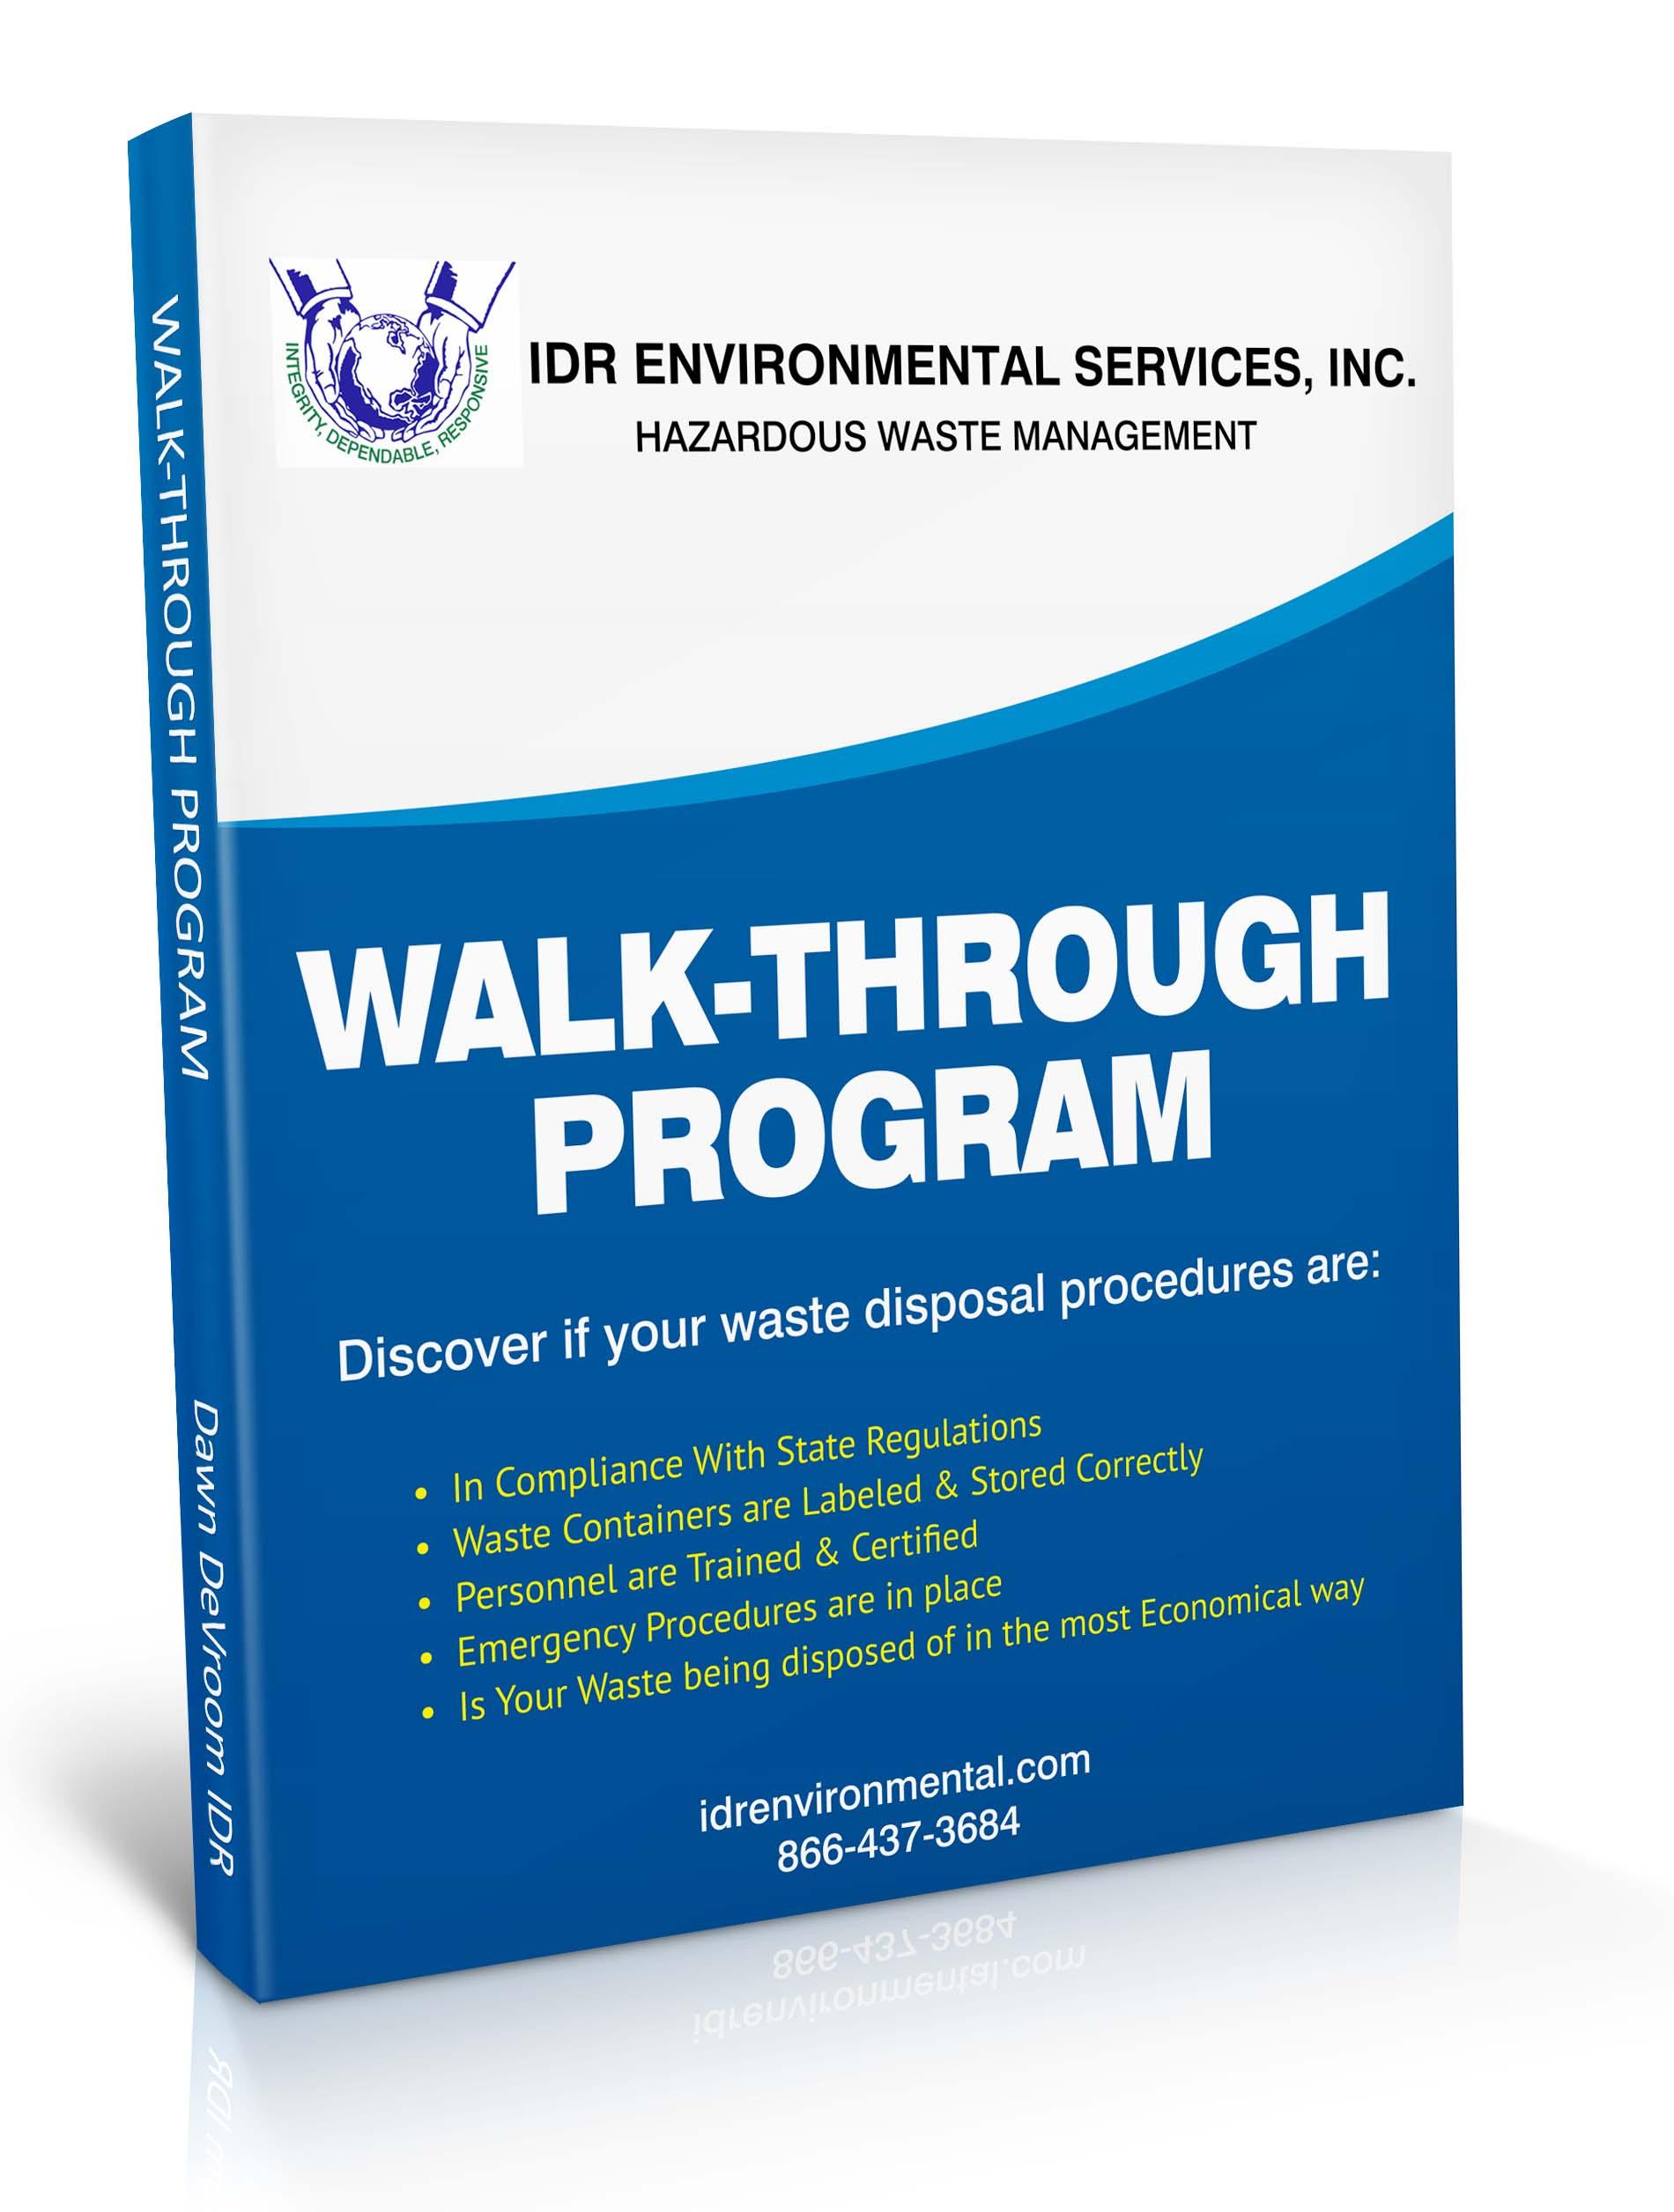 Hazardous watse walk-through